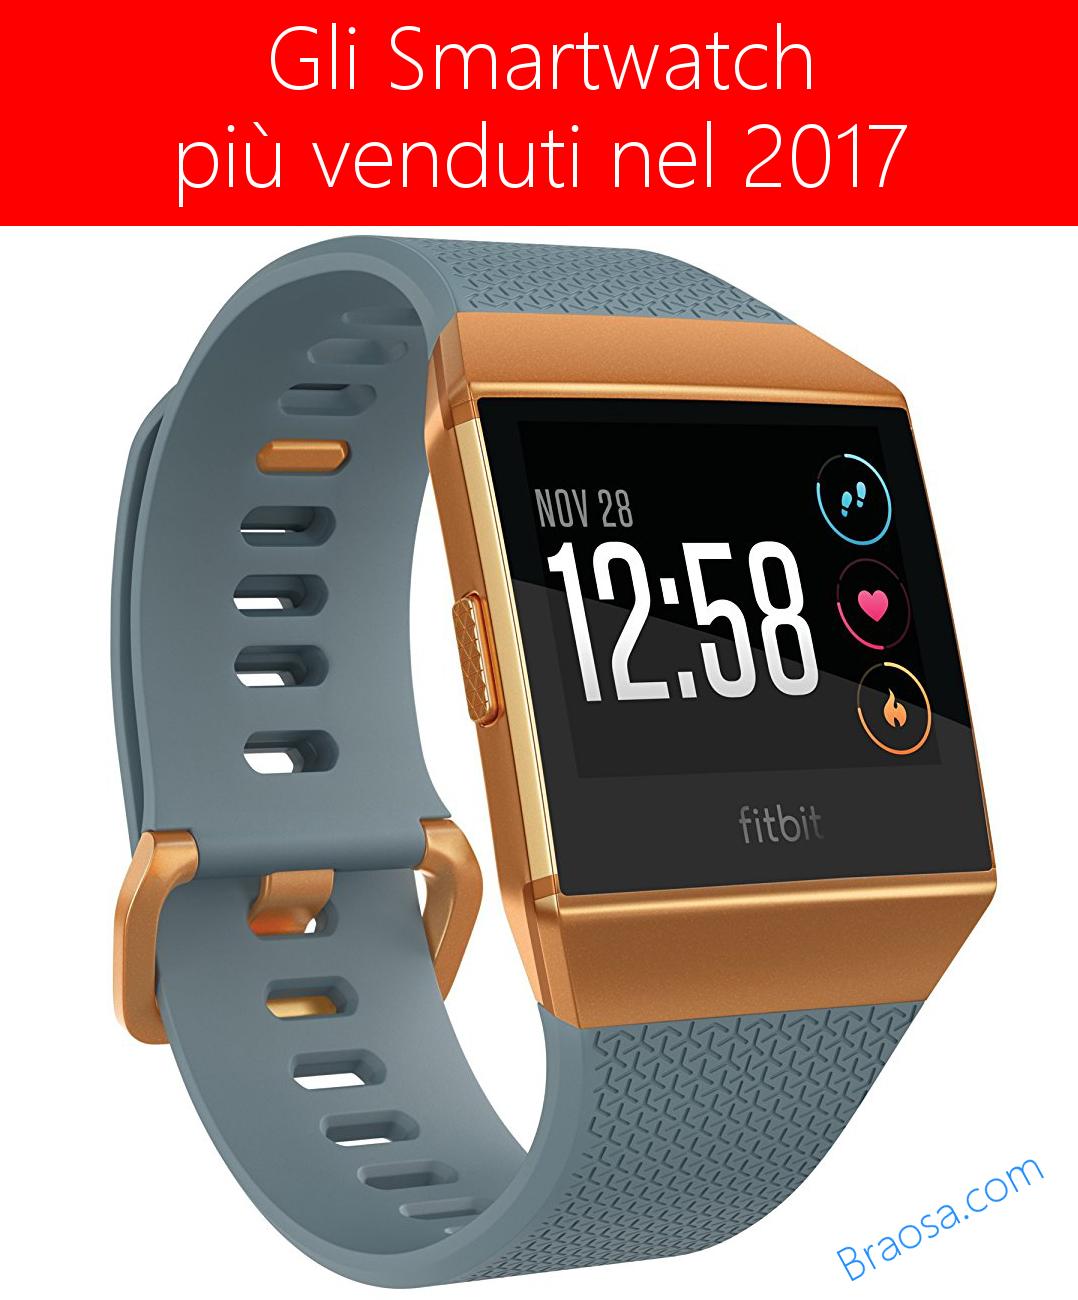 Gli Smartwatch più venduti su Amazon nel 2017